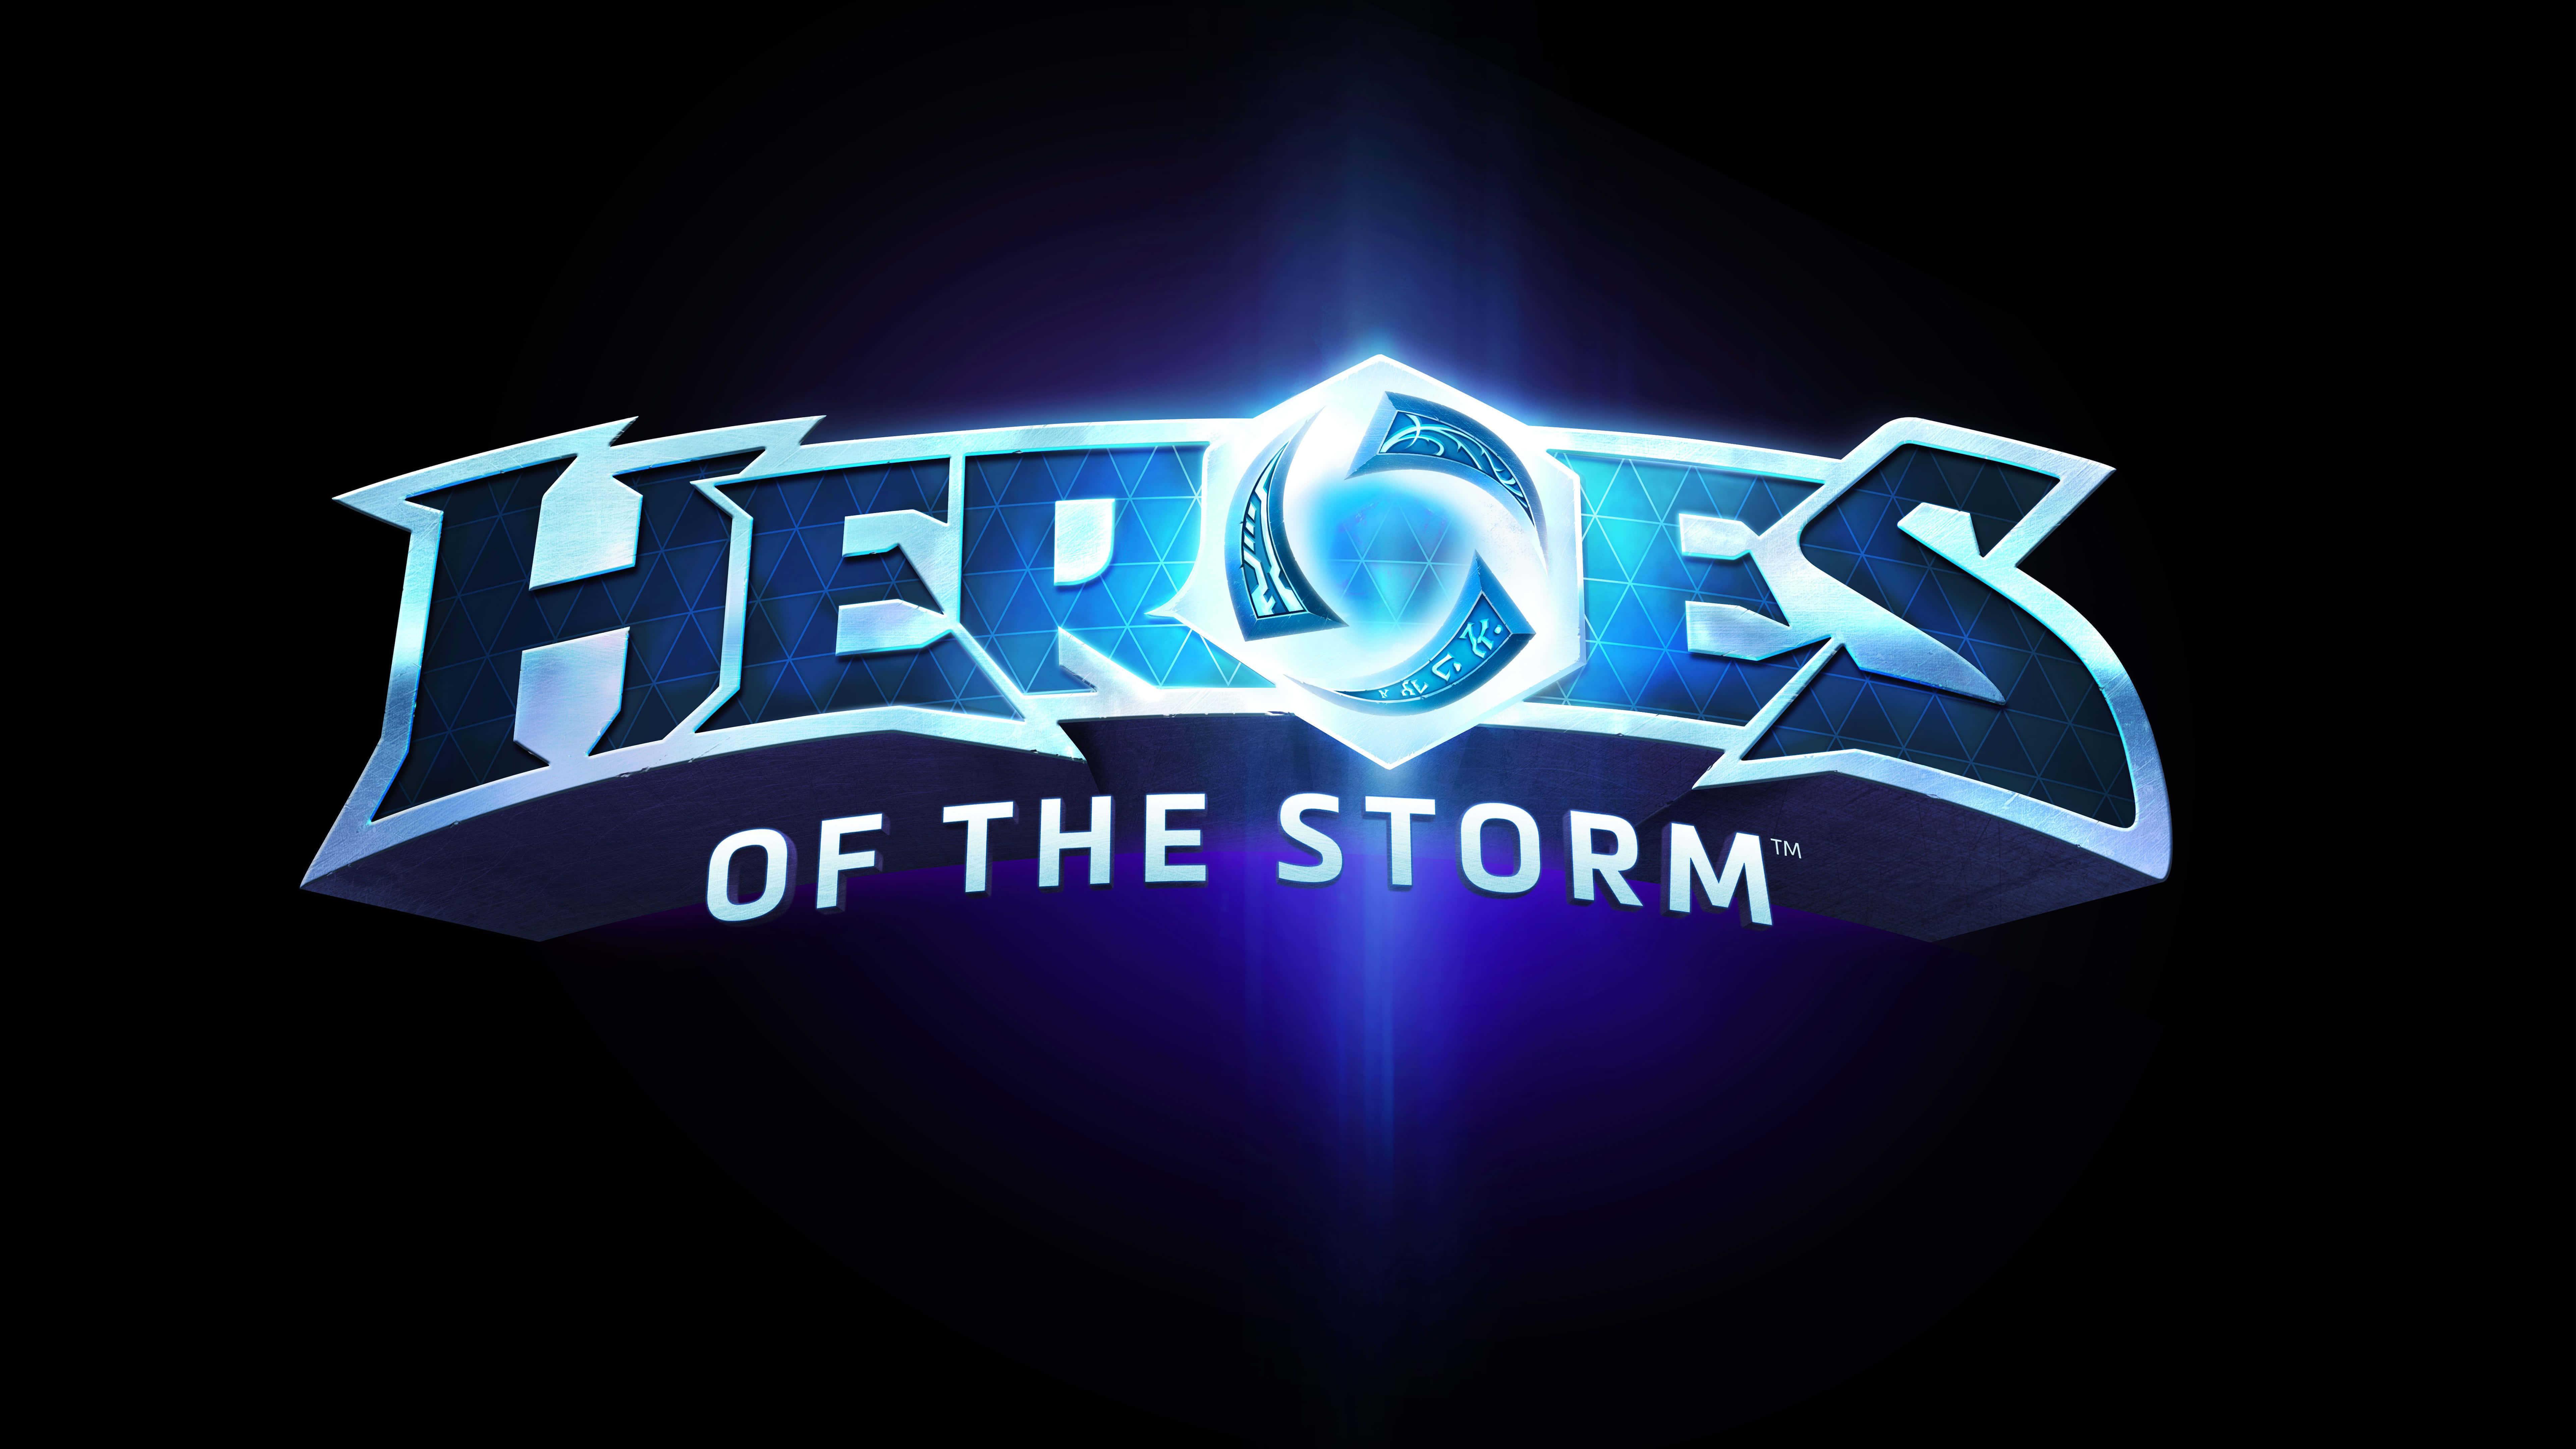 Heroes Of The Storm Logo Uhd 8k Wallpaper Pixelz